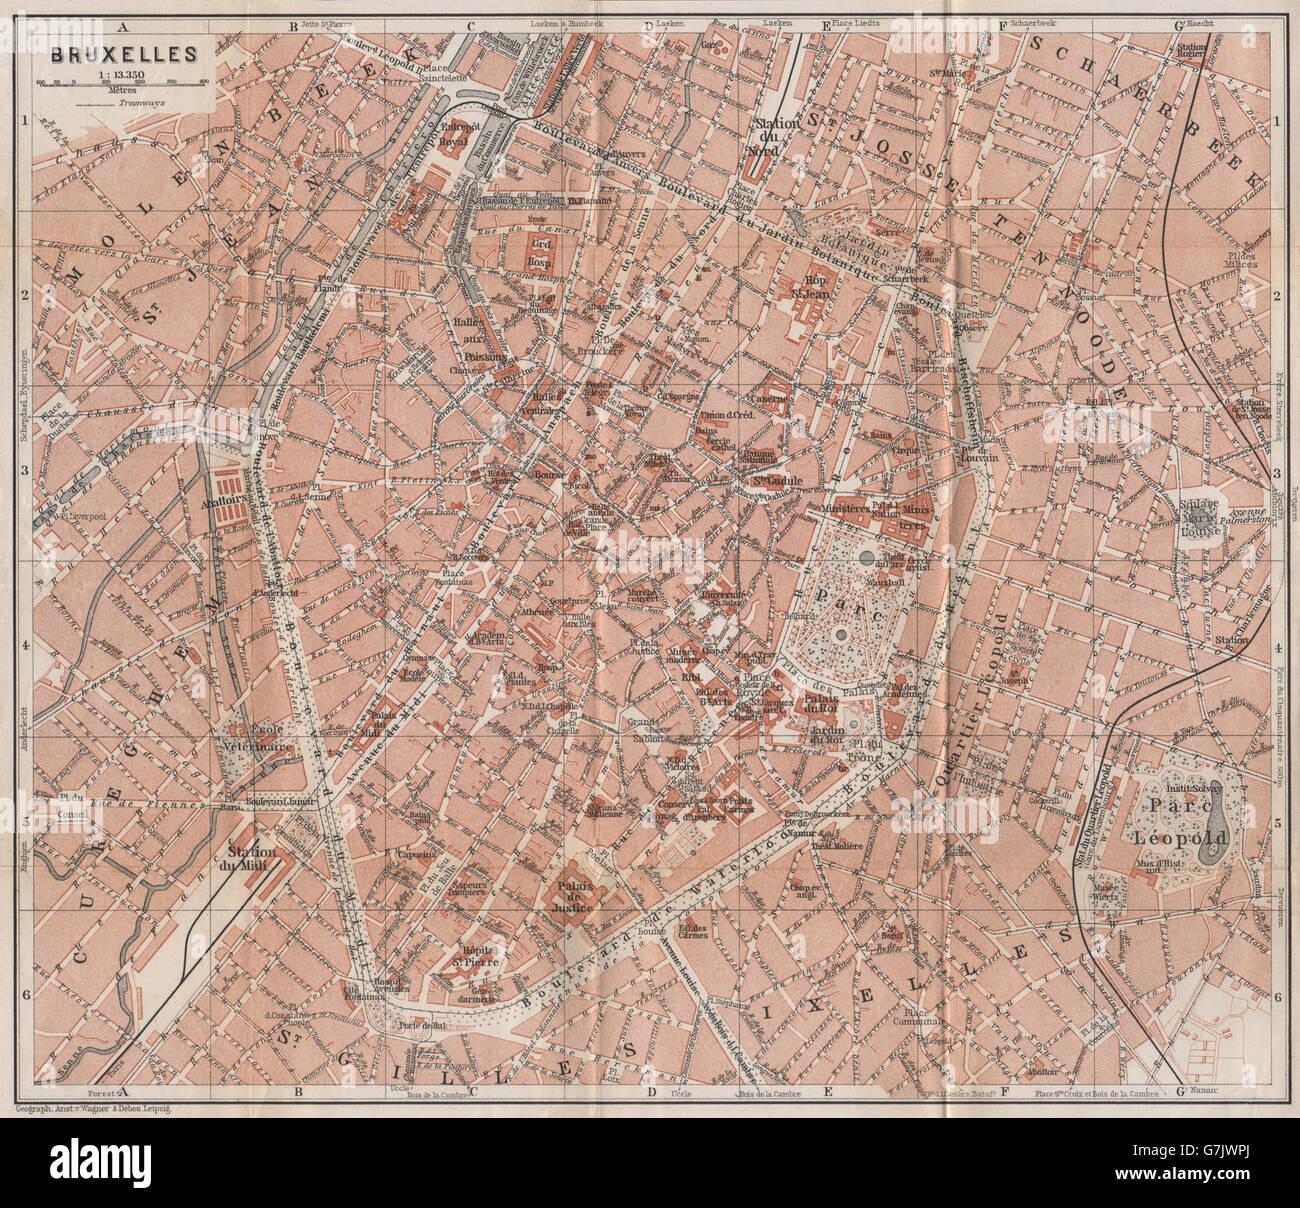 Belgium carte 1897 map BRUSSELS BRUXELLES BRUSSEL town city plan de la ville